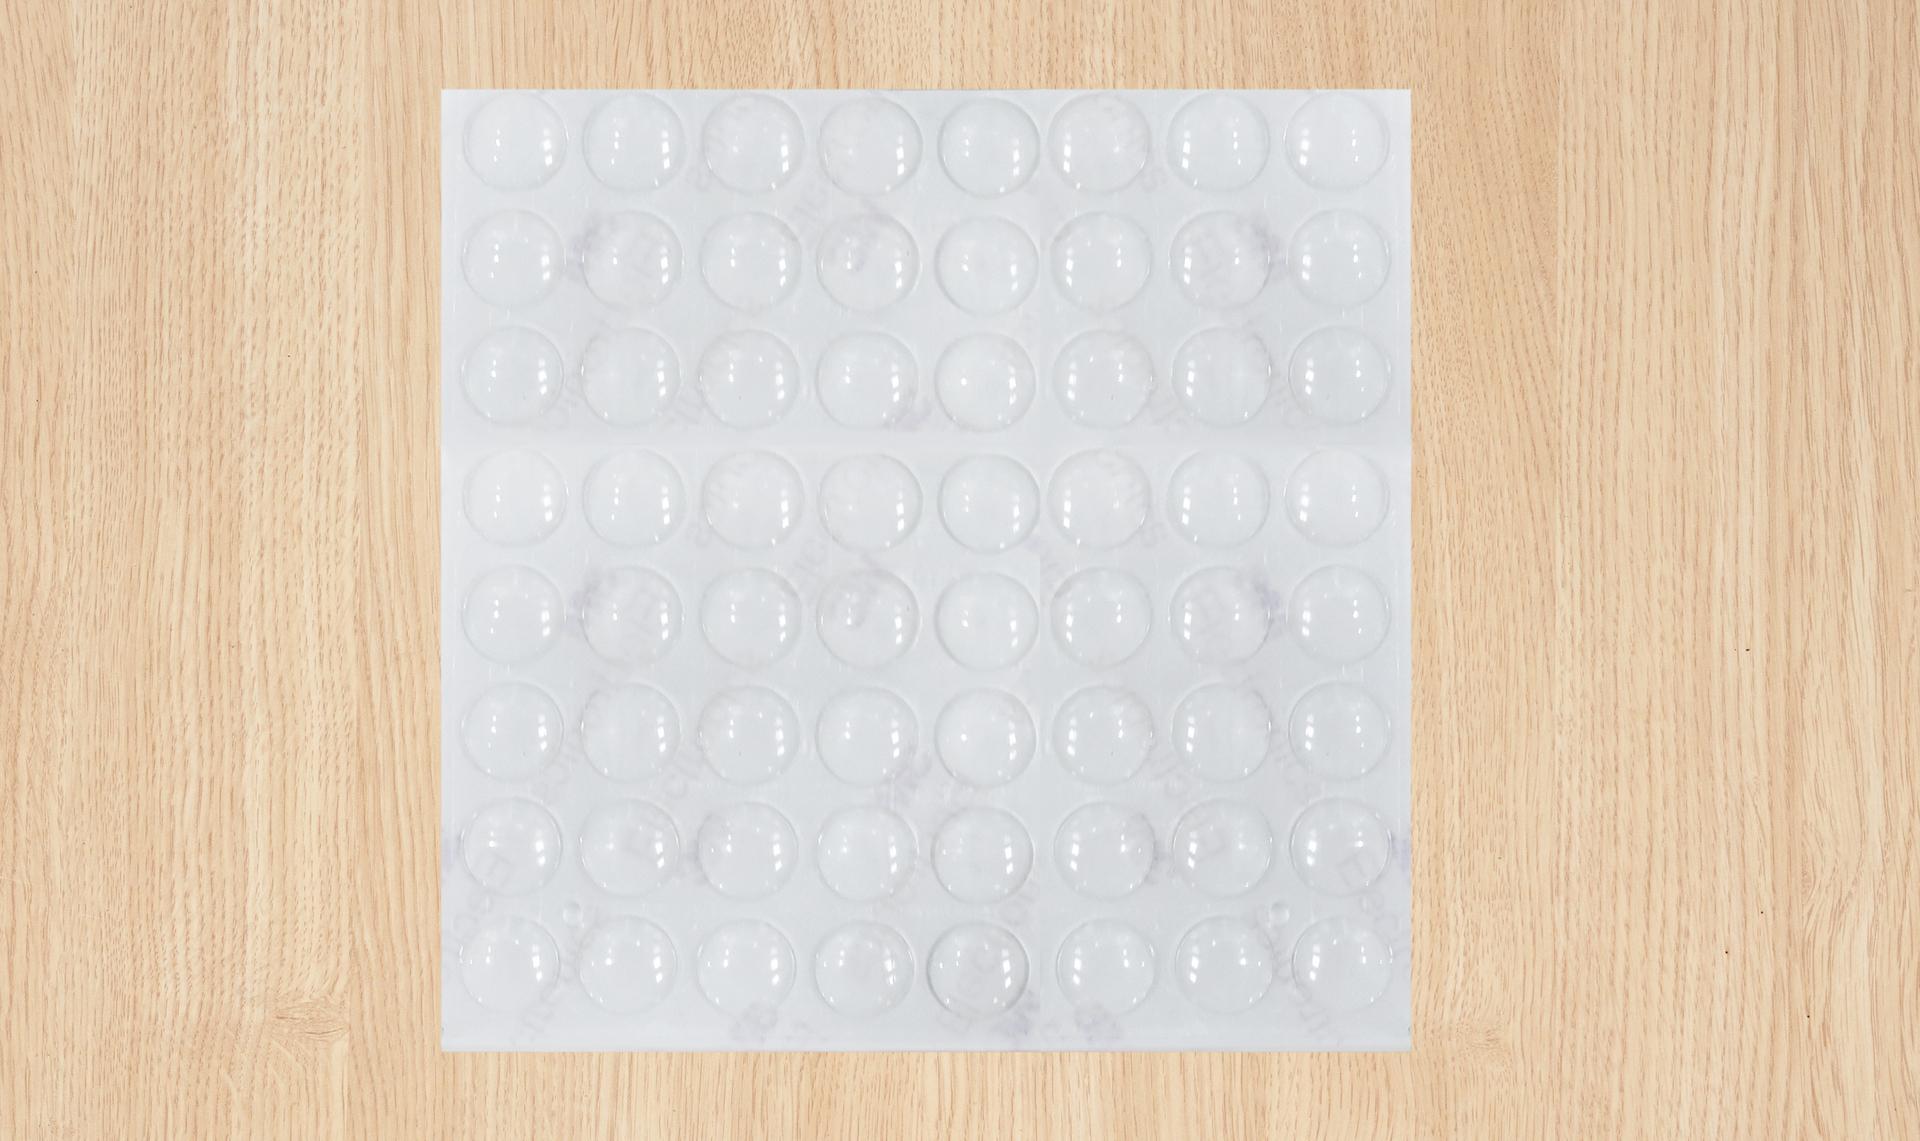 64 szt. Podk³adki samoprzylepne- amortyzatory uderzeñ drzwi i szuflad ¶rednica ok. 1,2 cm